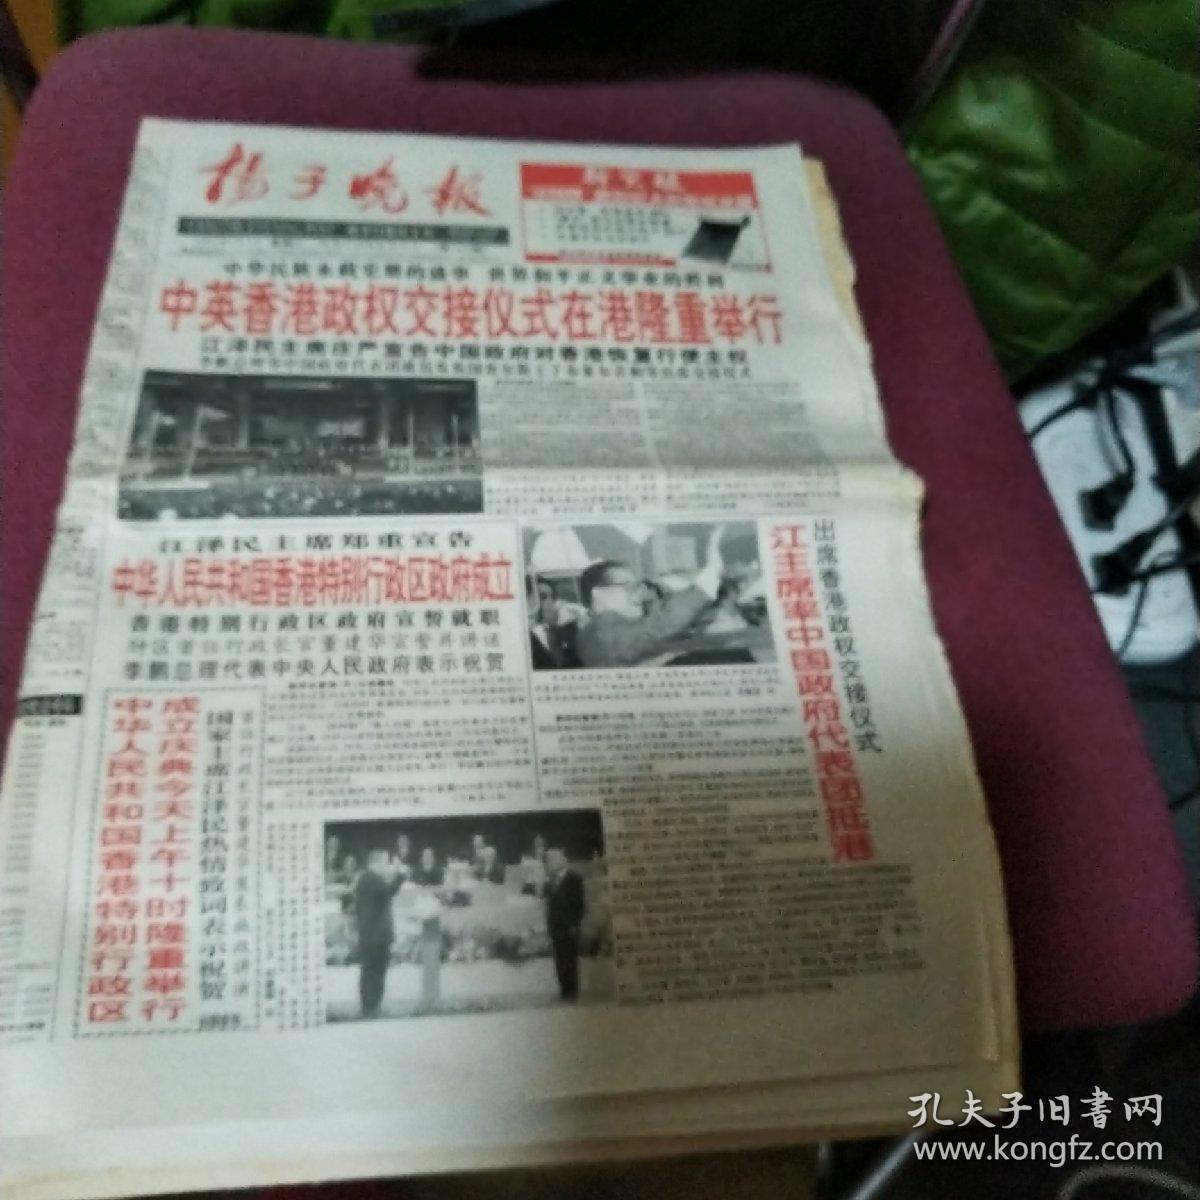 1997年7月1号 扬子晚报 庆祝香港回归 创意礼品-原版-老报纸-生日报、纪念报